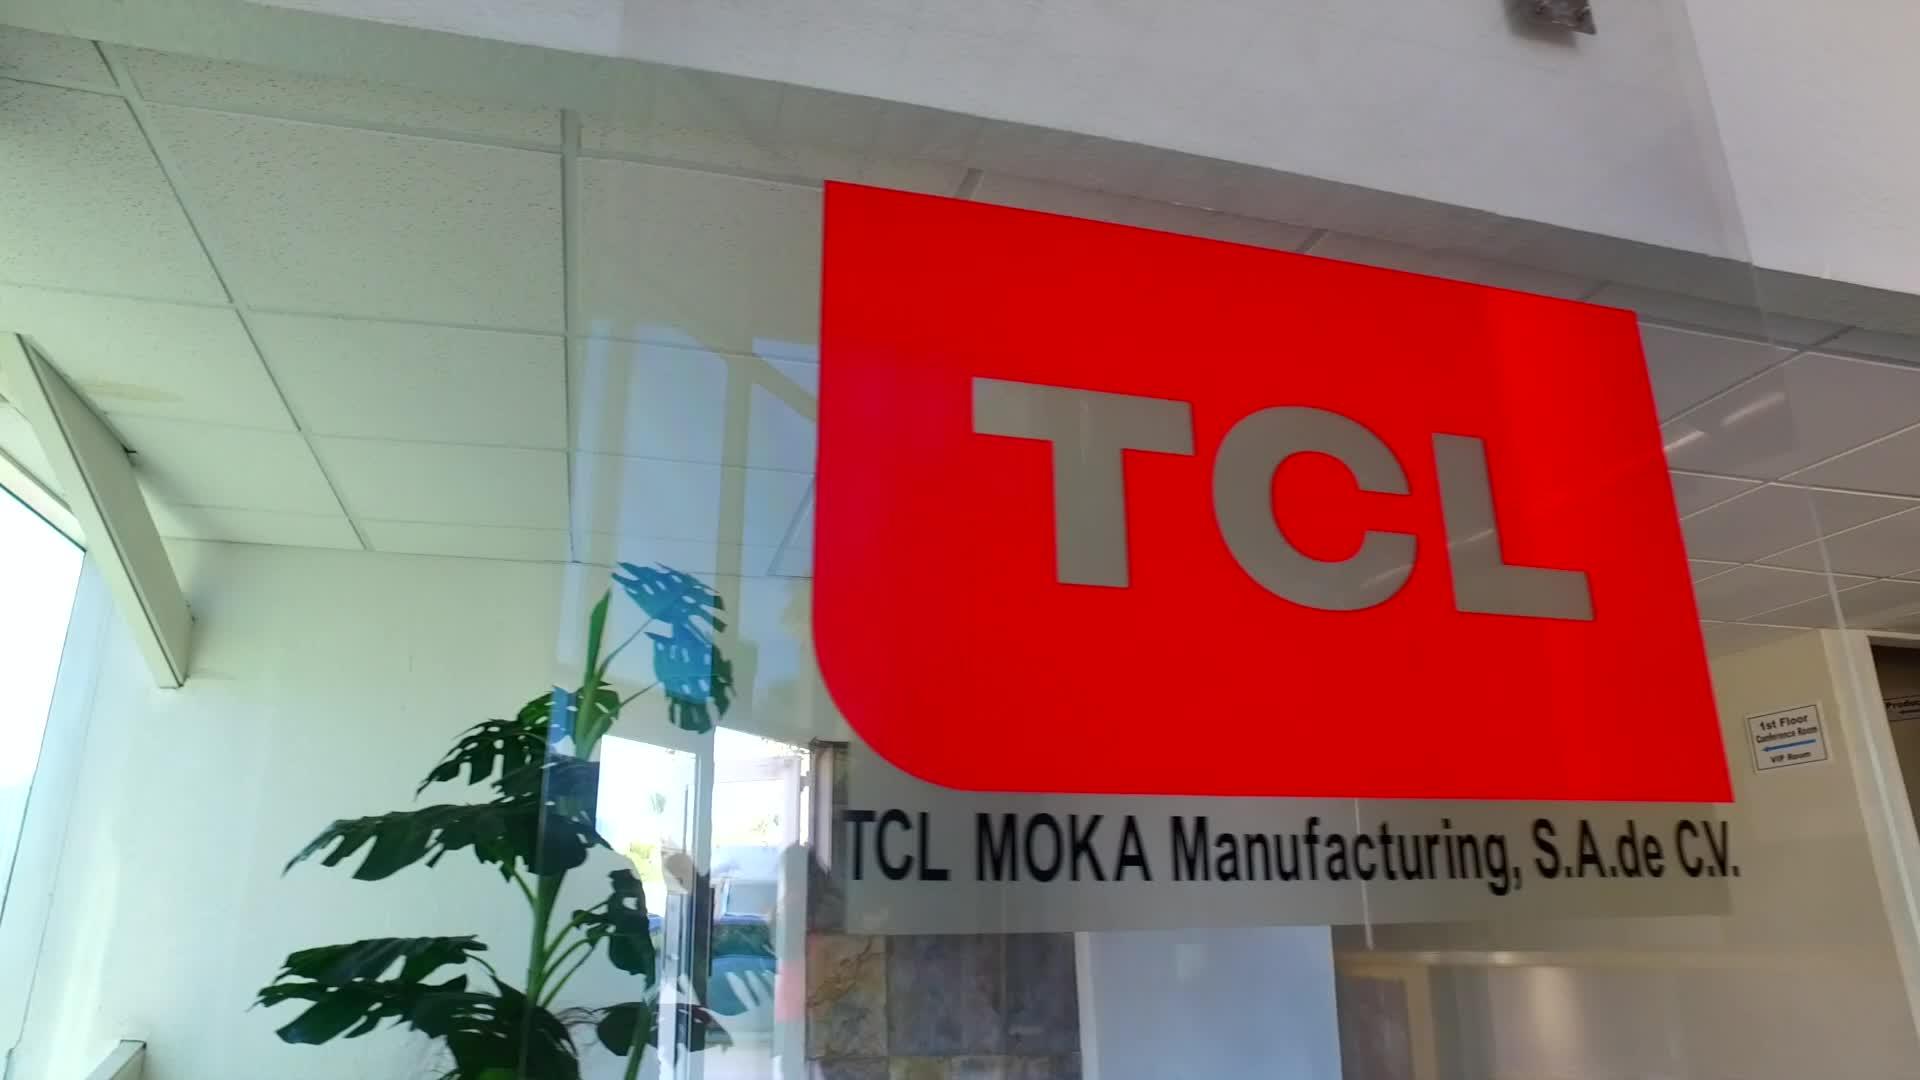 TCL墨西哥工厂力推信息化智能制造 深挖北美市场潜力